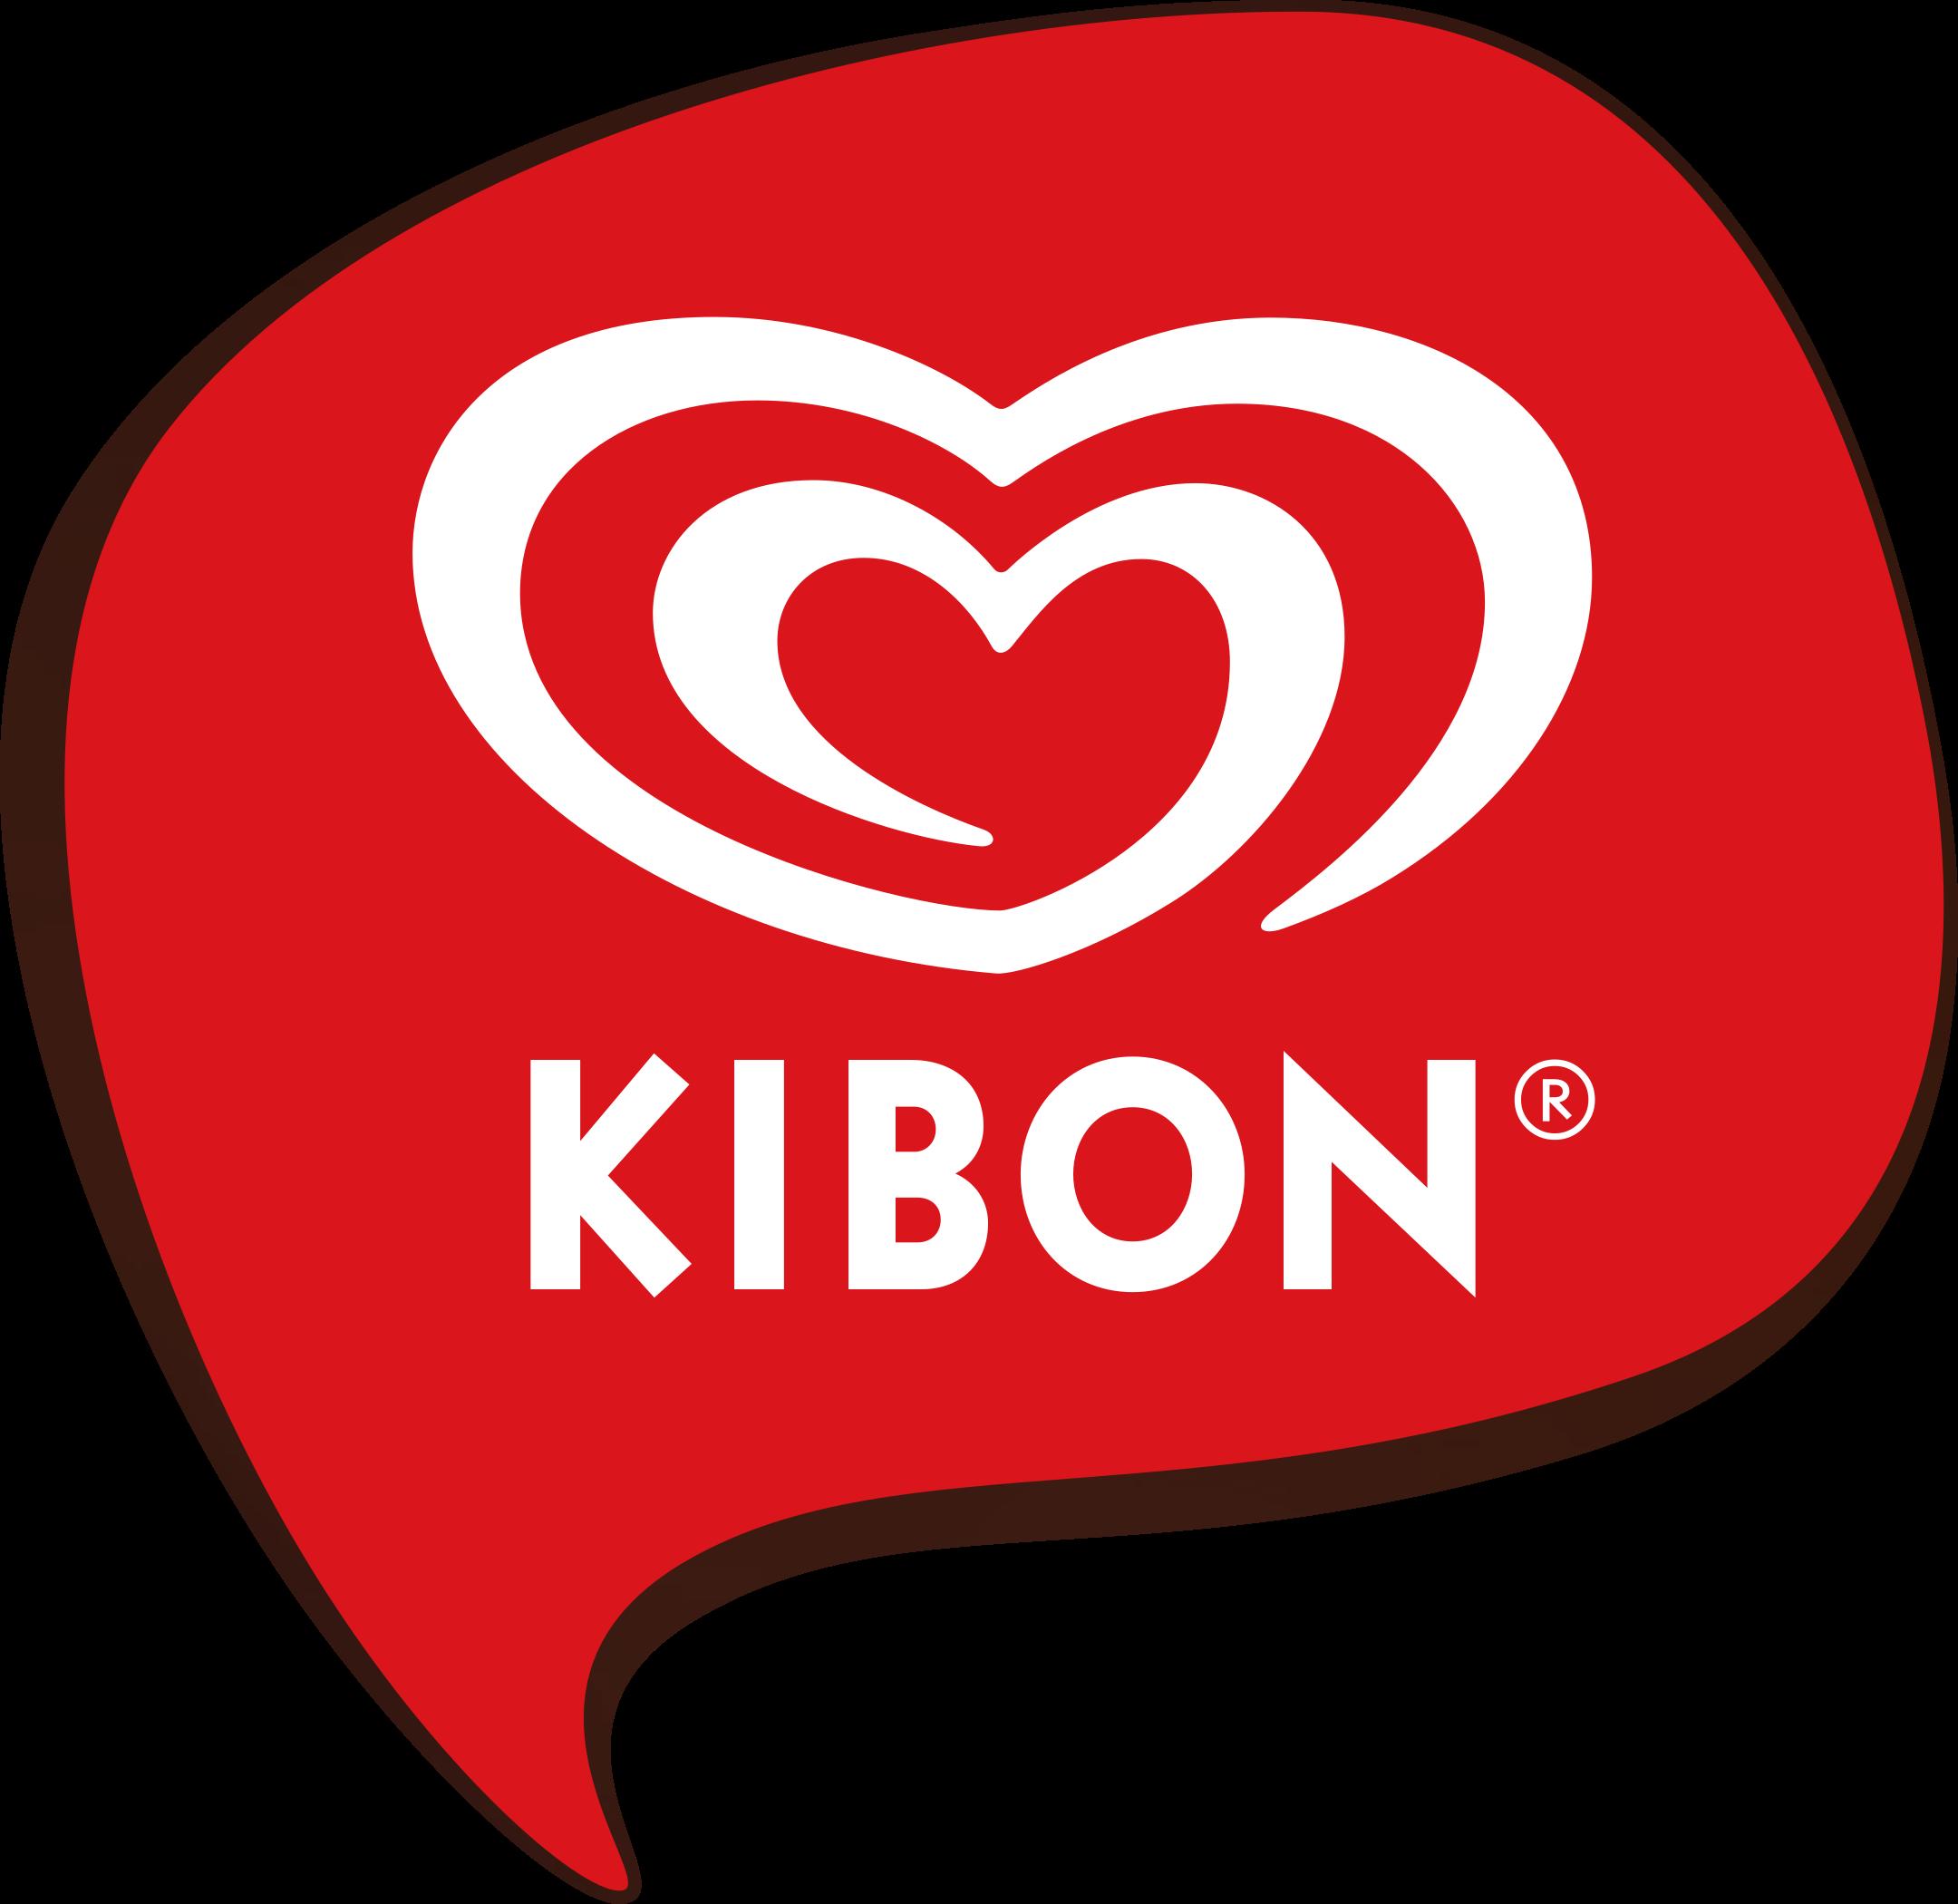 kibon logo 1 - Kibon Logo